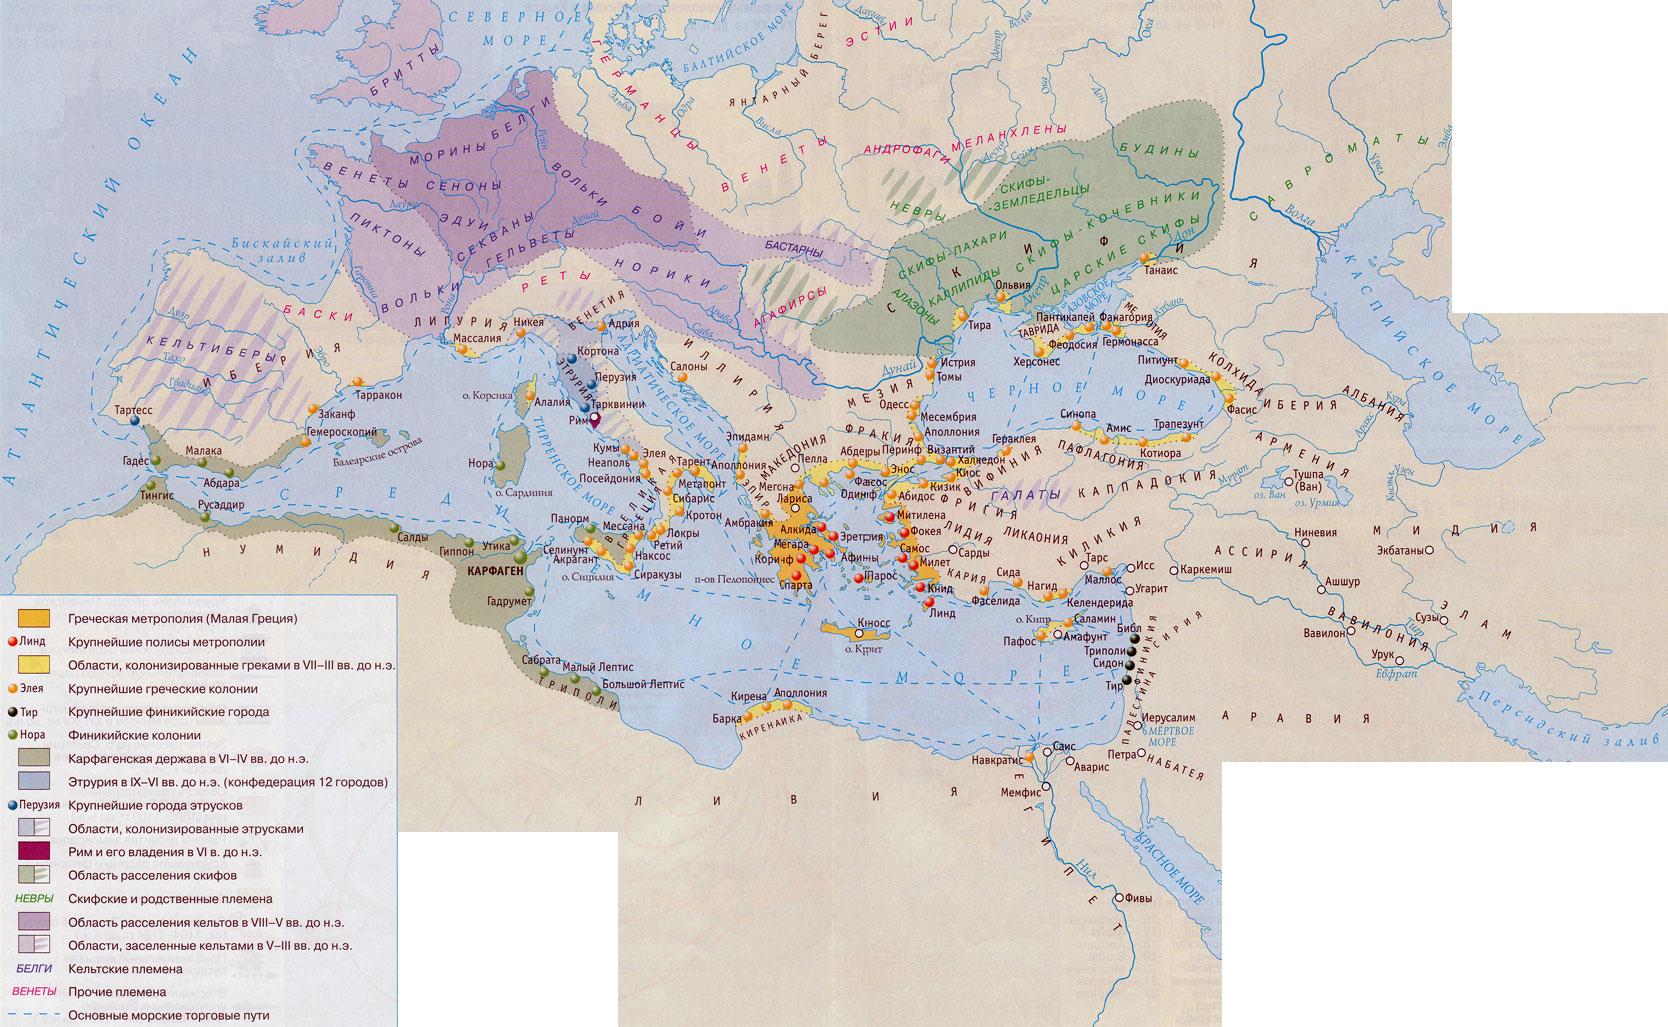 Древнегреческая цивилизация на карте